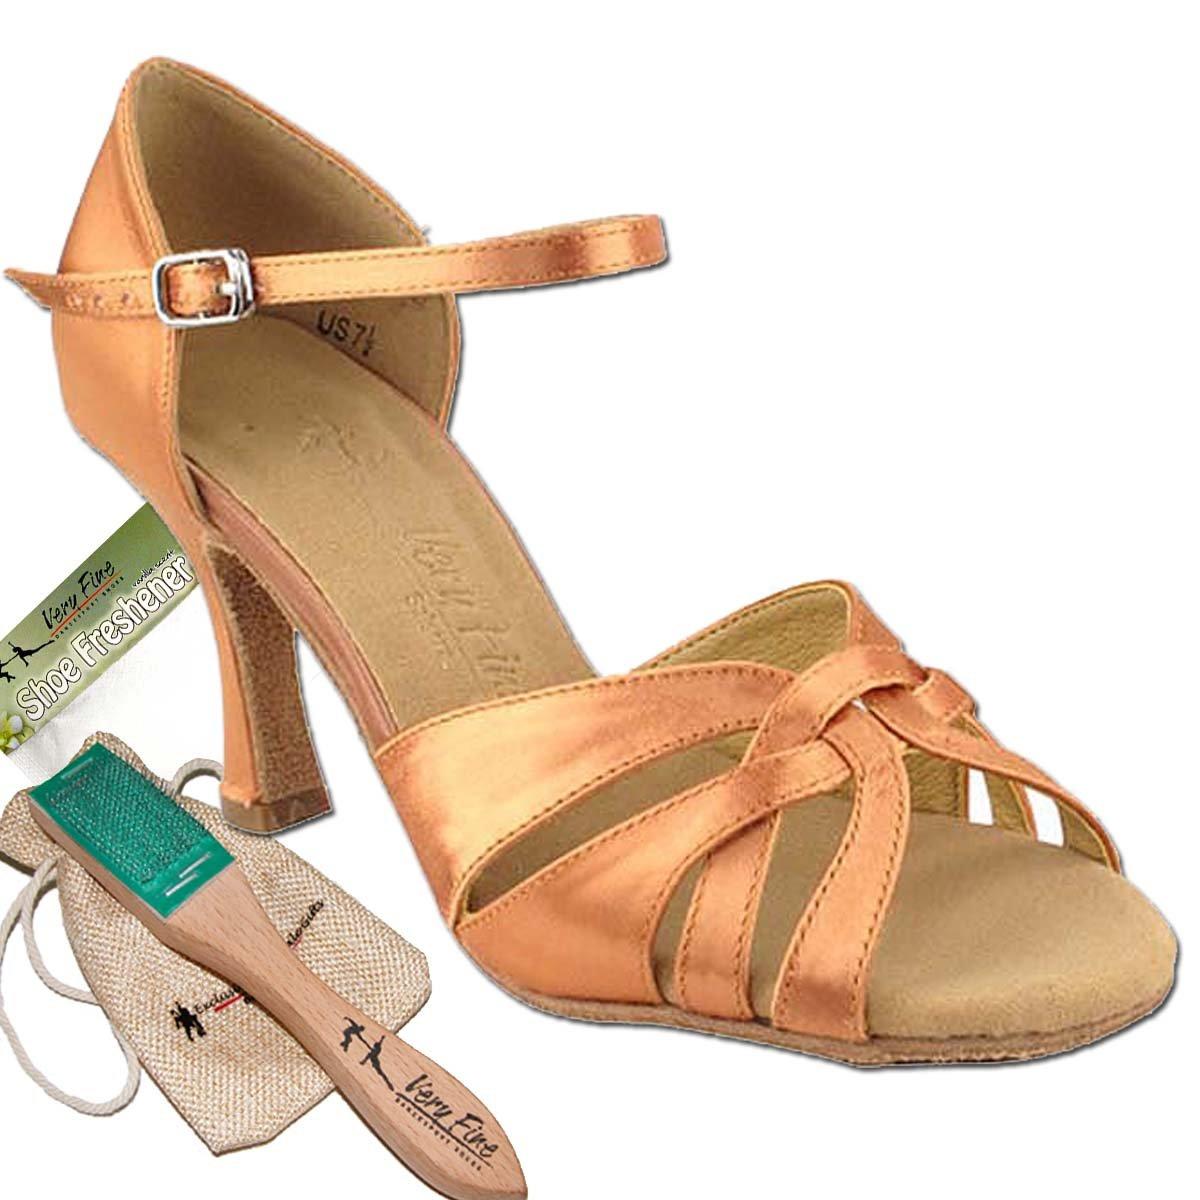 [Very Fine Dance Shoes] レディース B00H7BL7LG タン サテン 9.5 (B,M) US